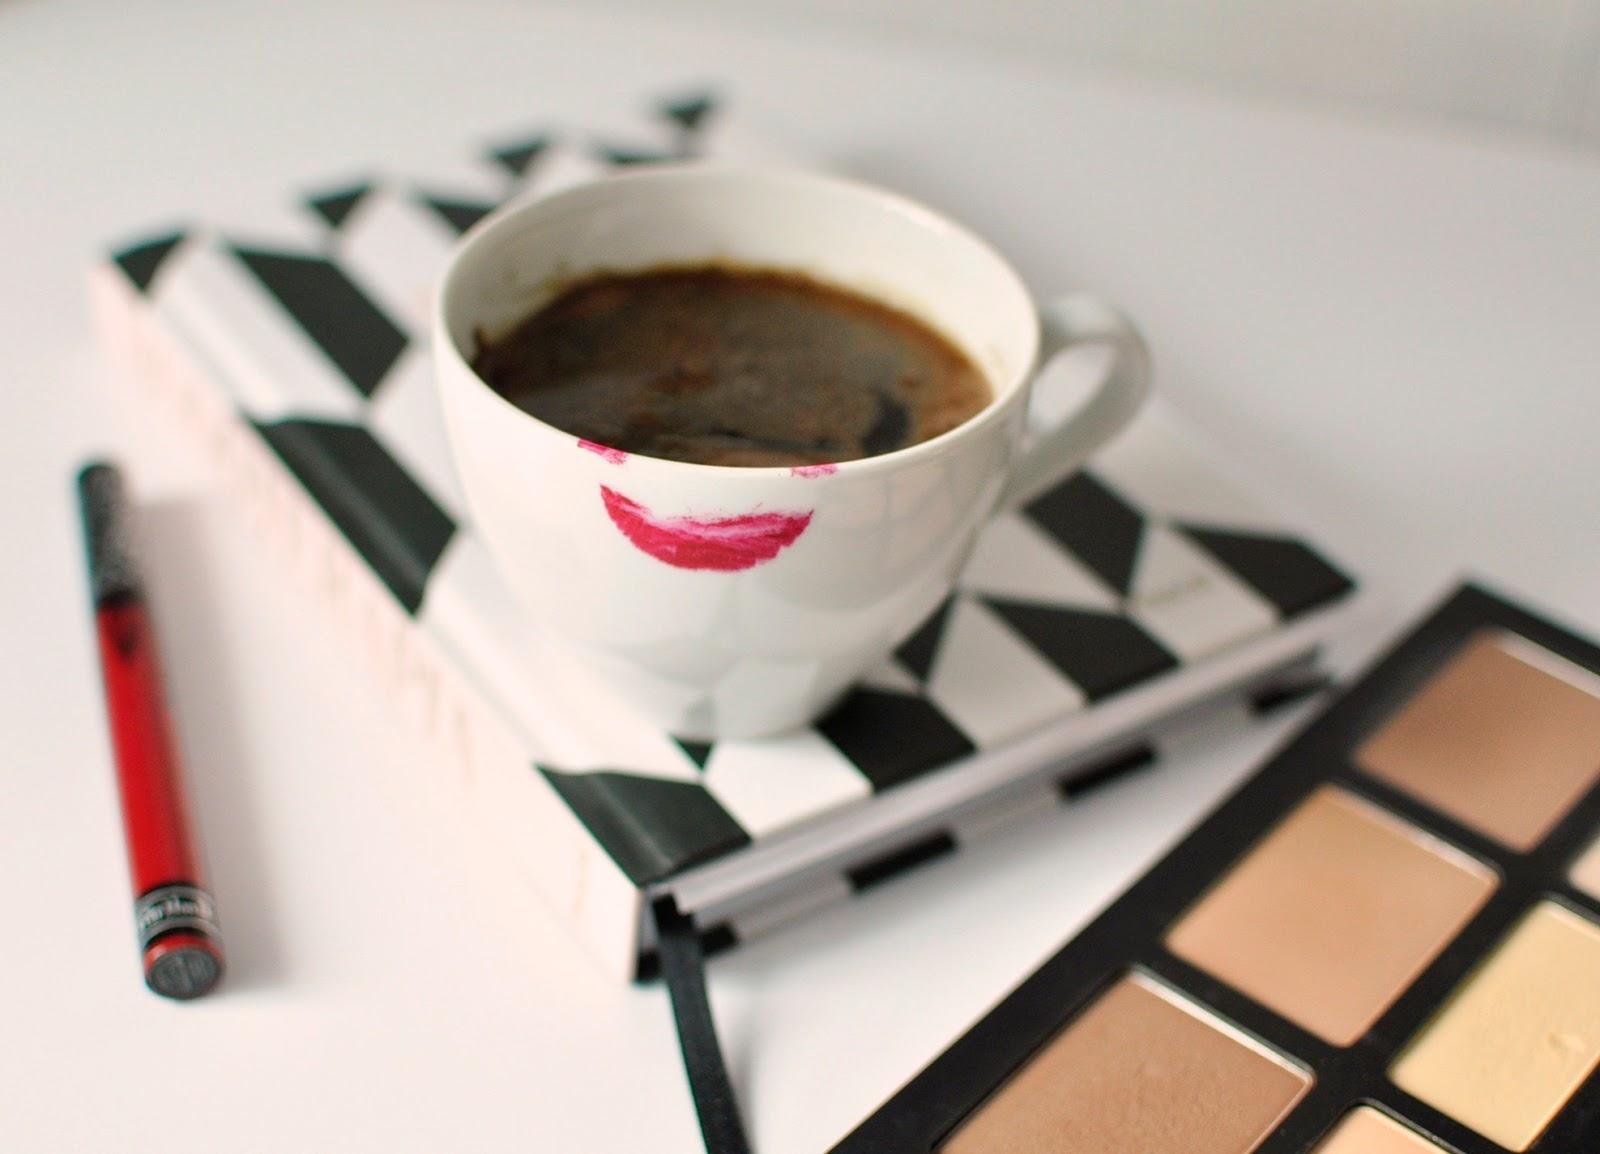 #LipsOnFleek Nahz Fur Atoo | Kat Von D